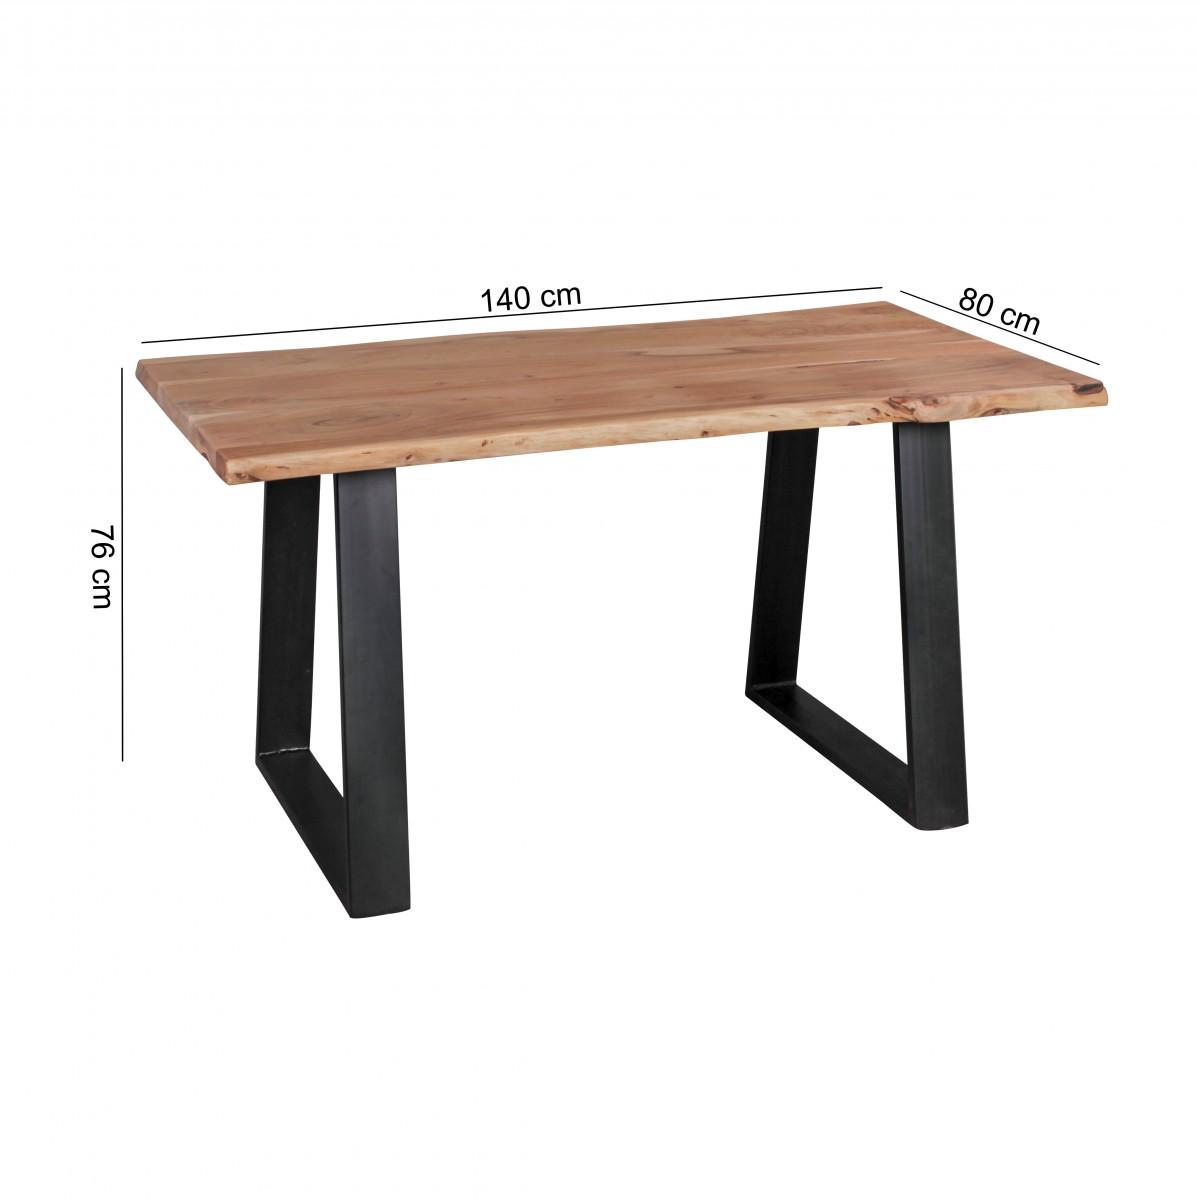 Jídelní stůl Gaya, 140 cm, masiv akát